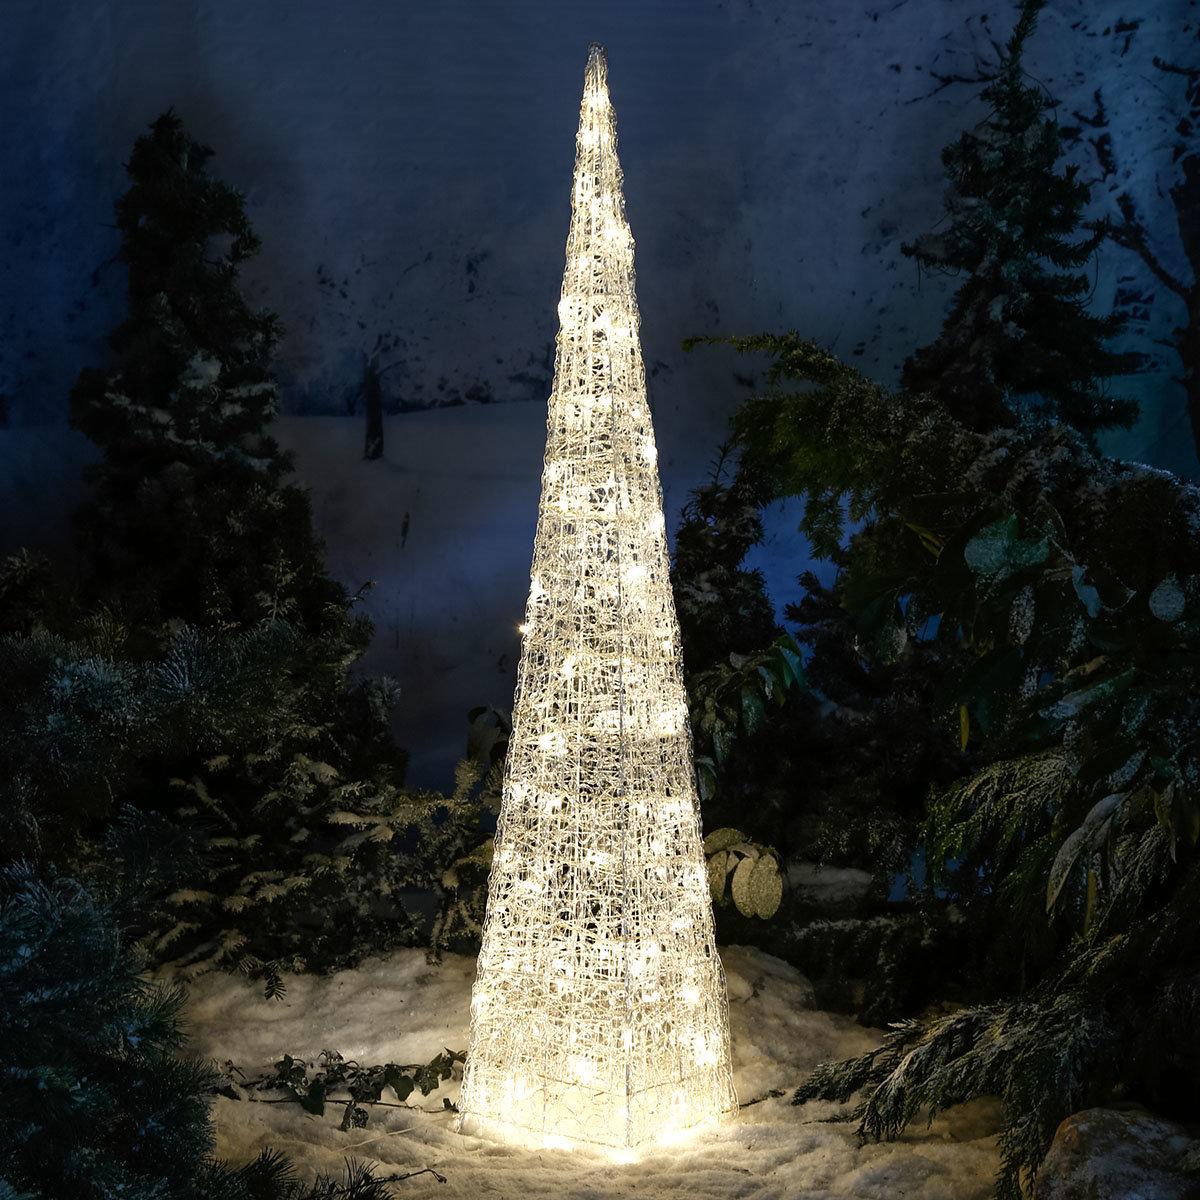 LED-Leucht-Pyramide Starlight, 96 LEDs